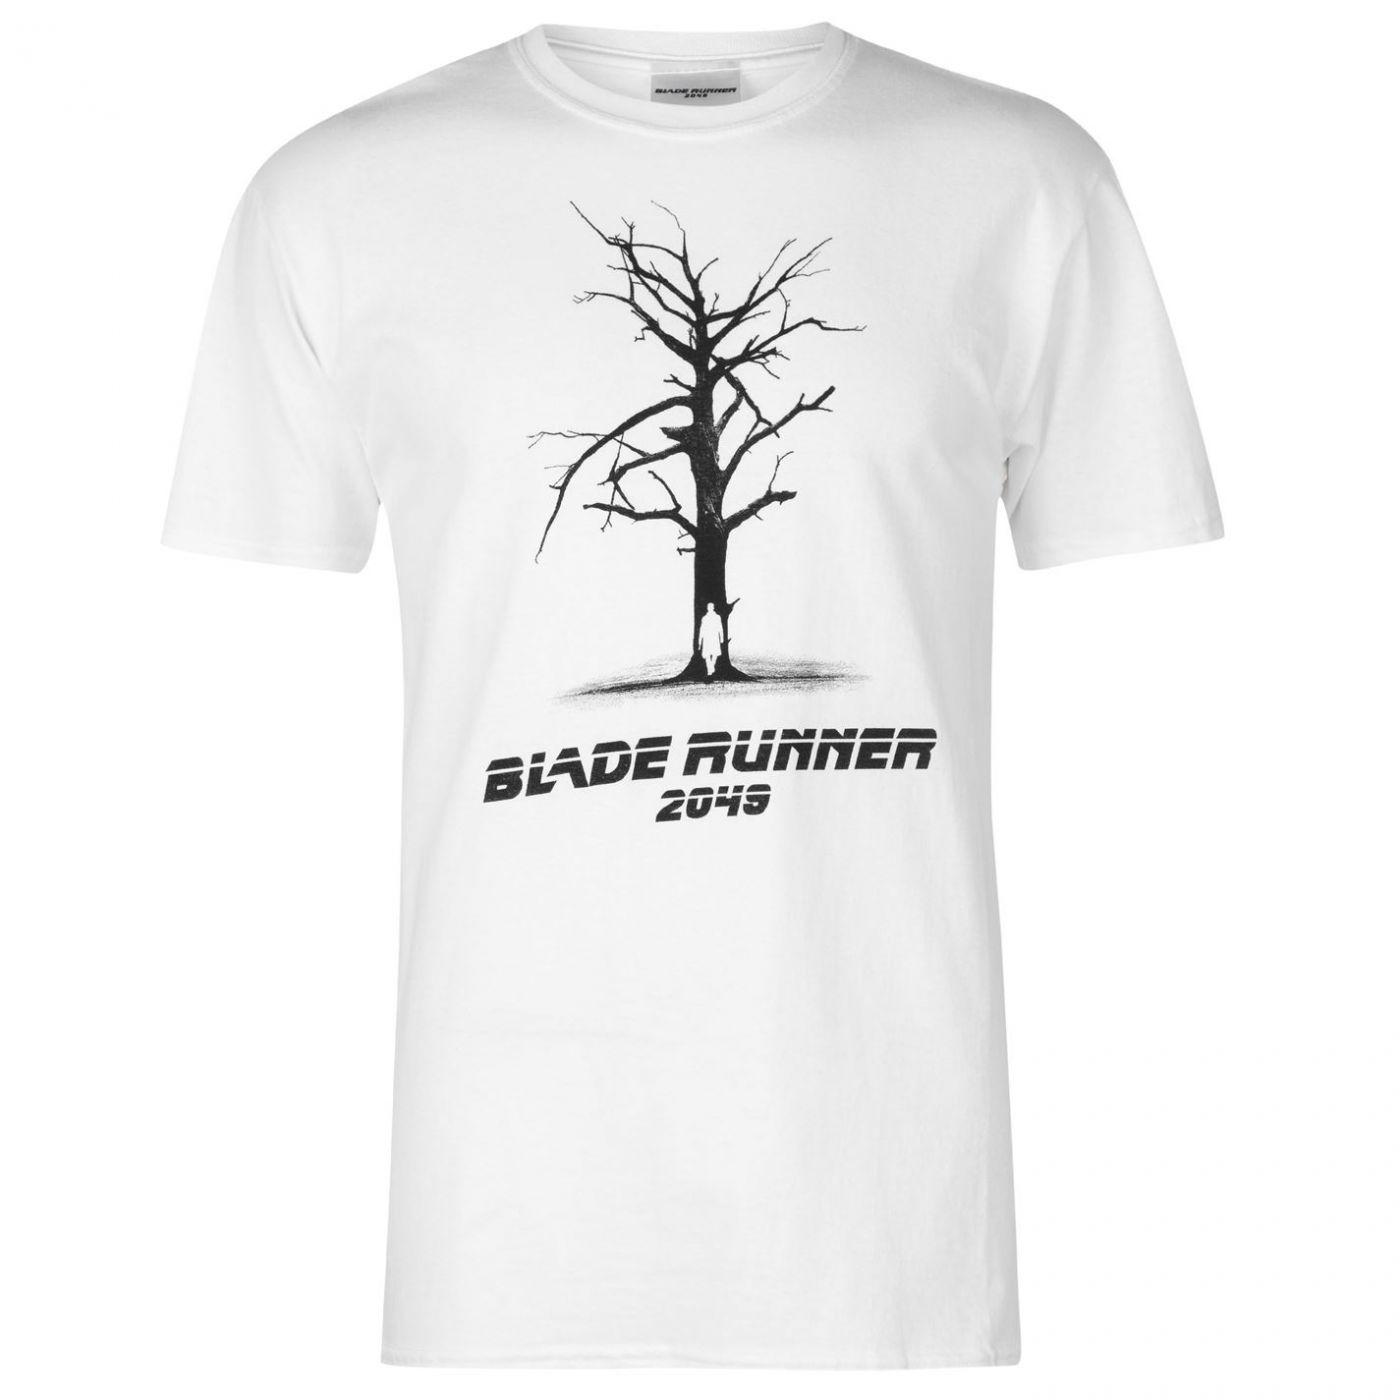 Character Blade Runner T Shirt Mens